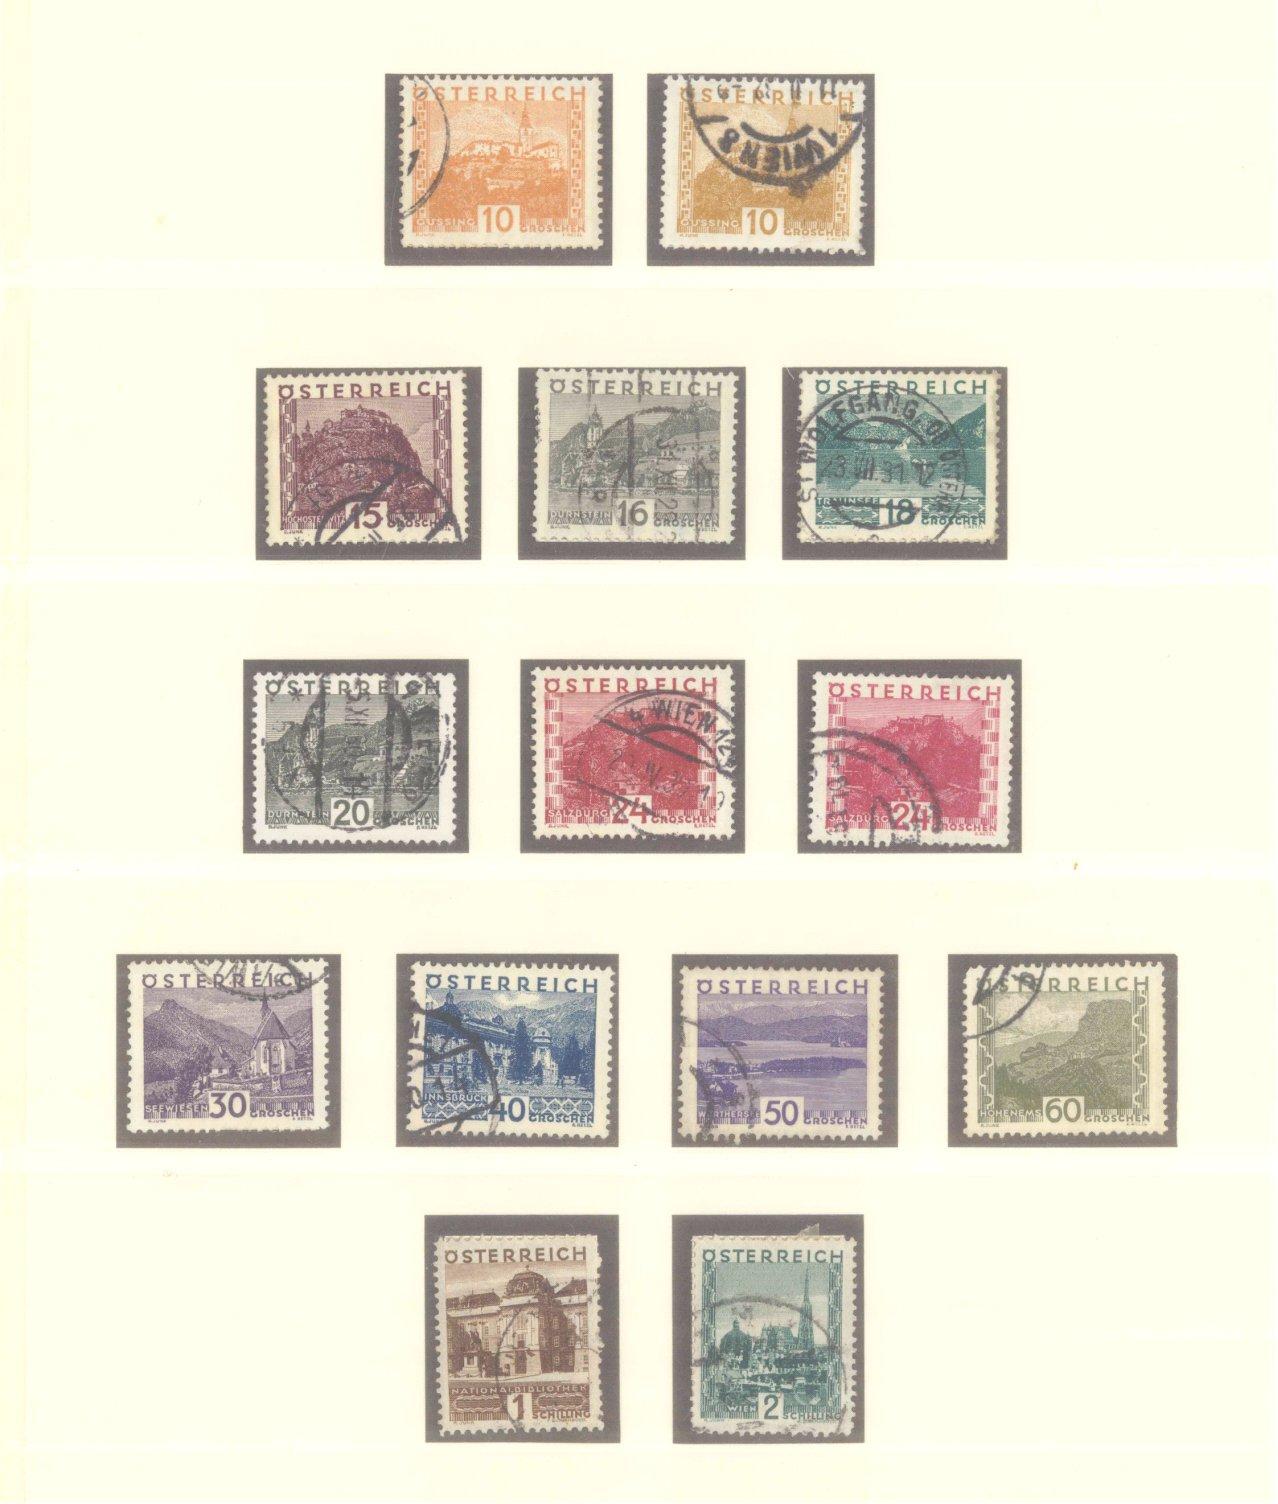 ÖSTERREICH 1925-1937-2